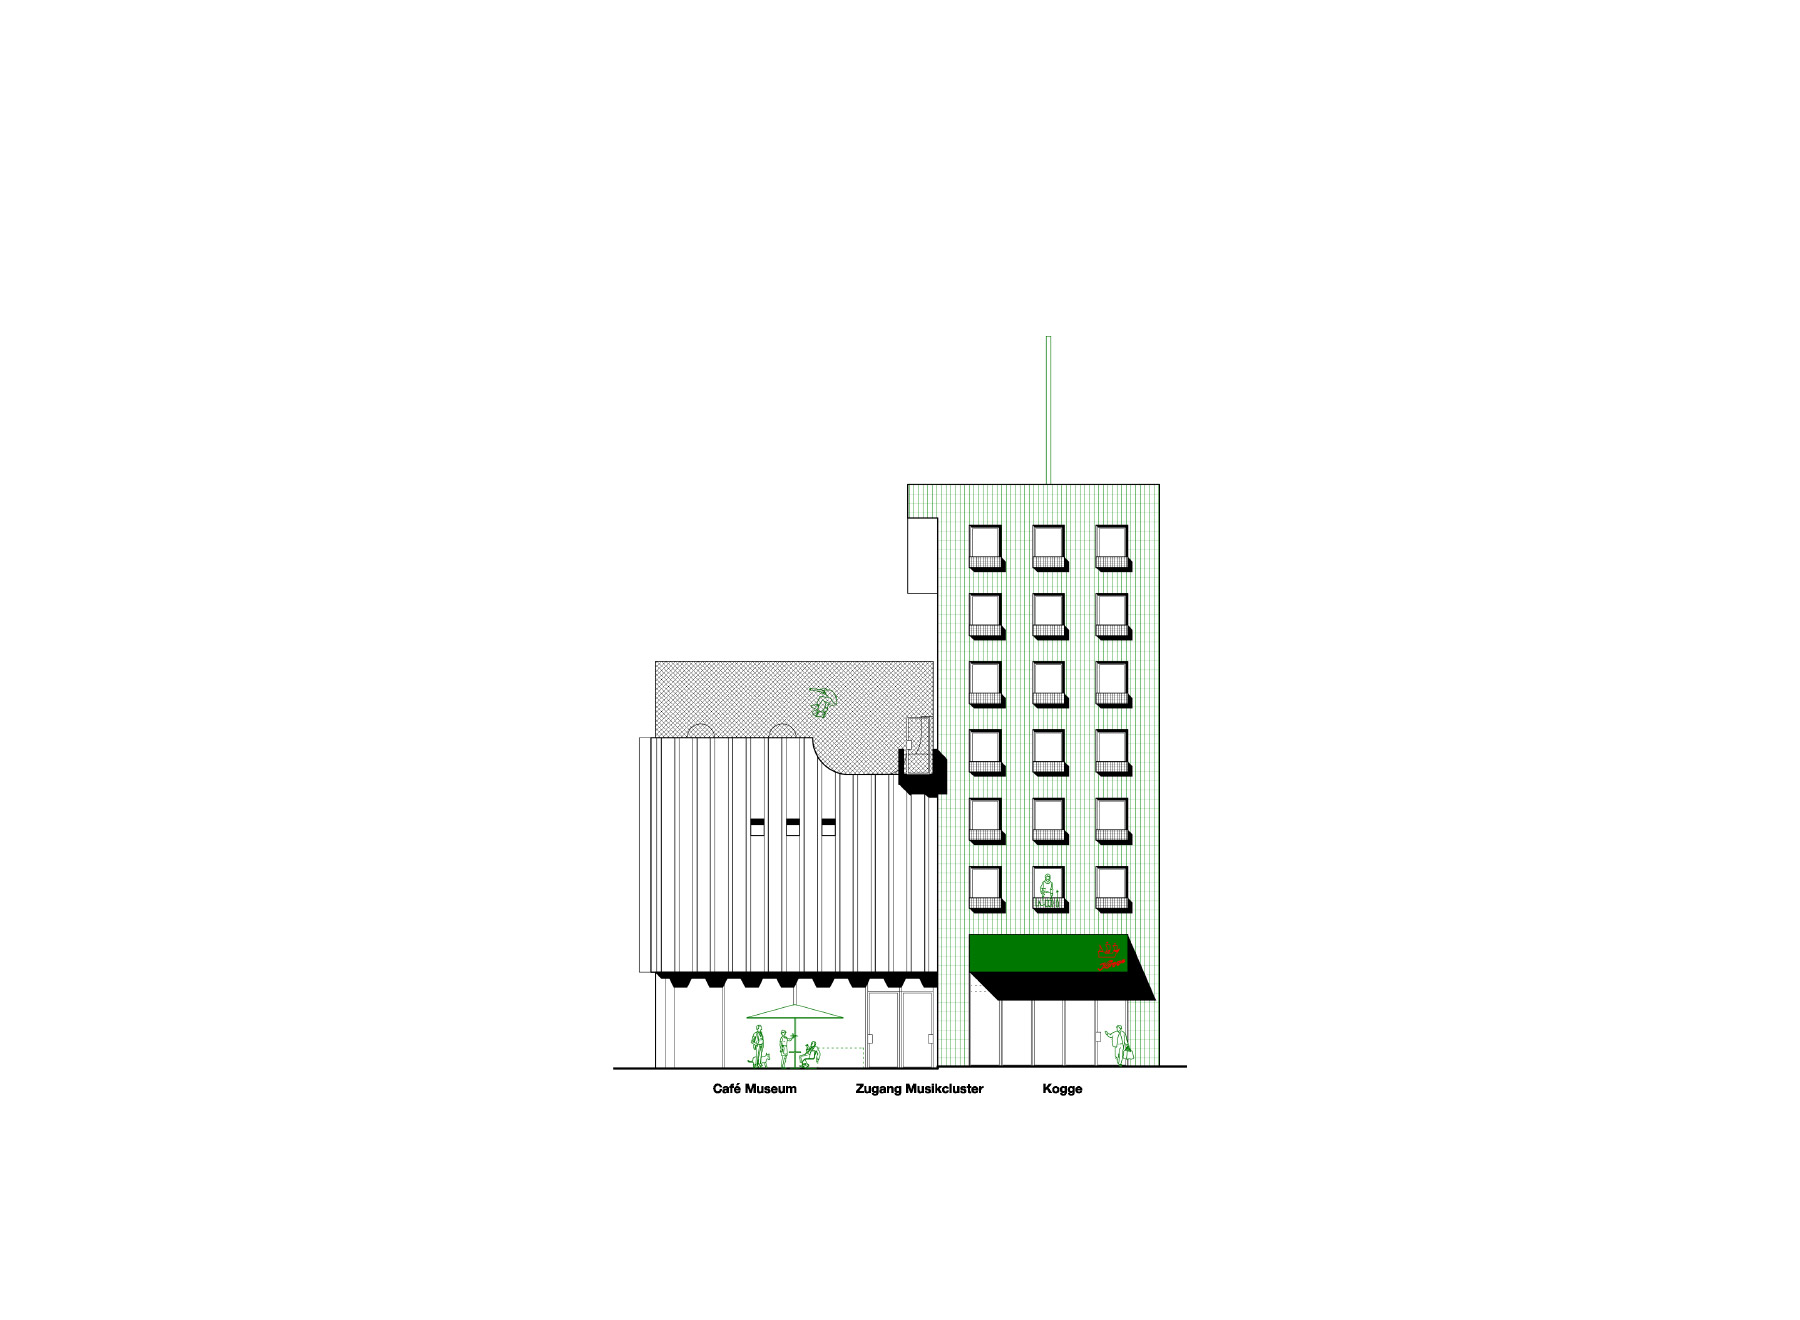 Quartiersgasse elevation